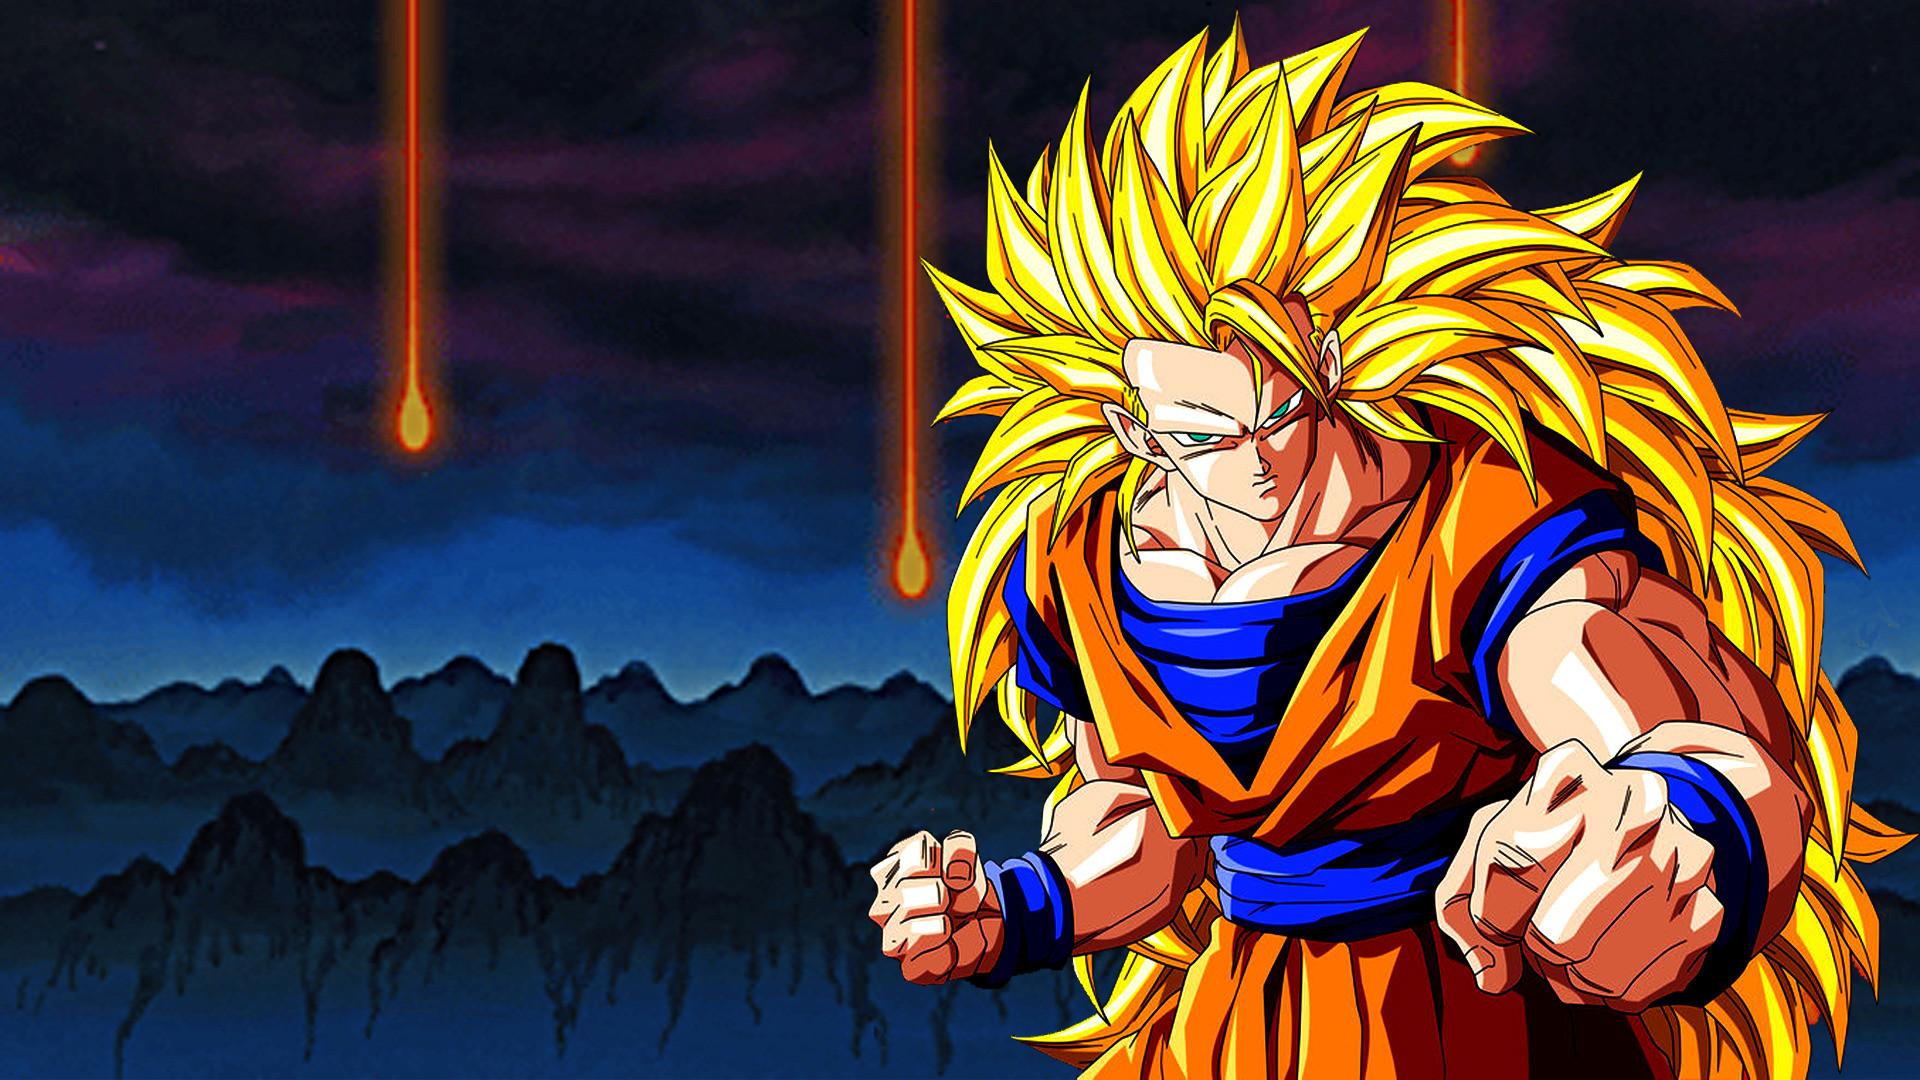 Back to post: Dragon Ball Z Wallpaper HD